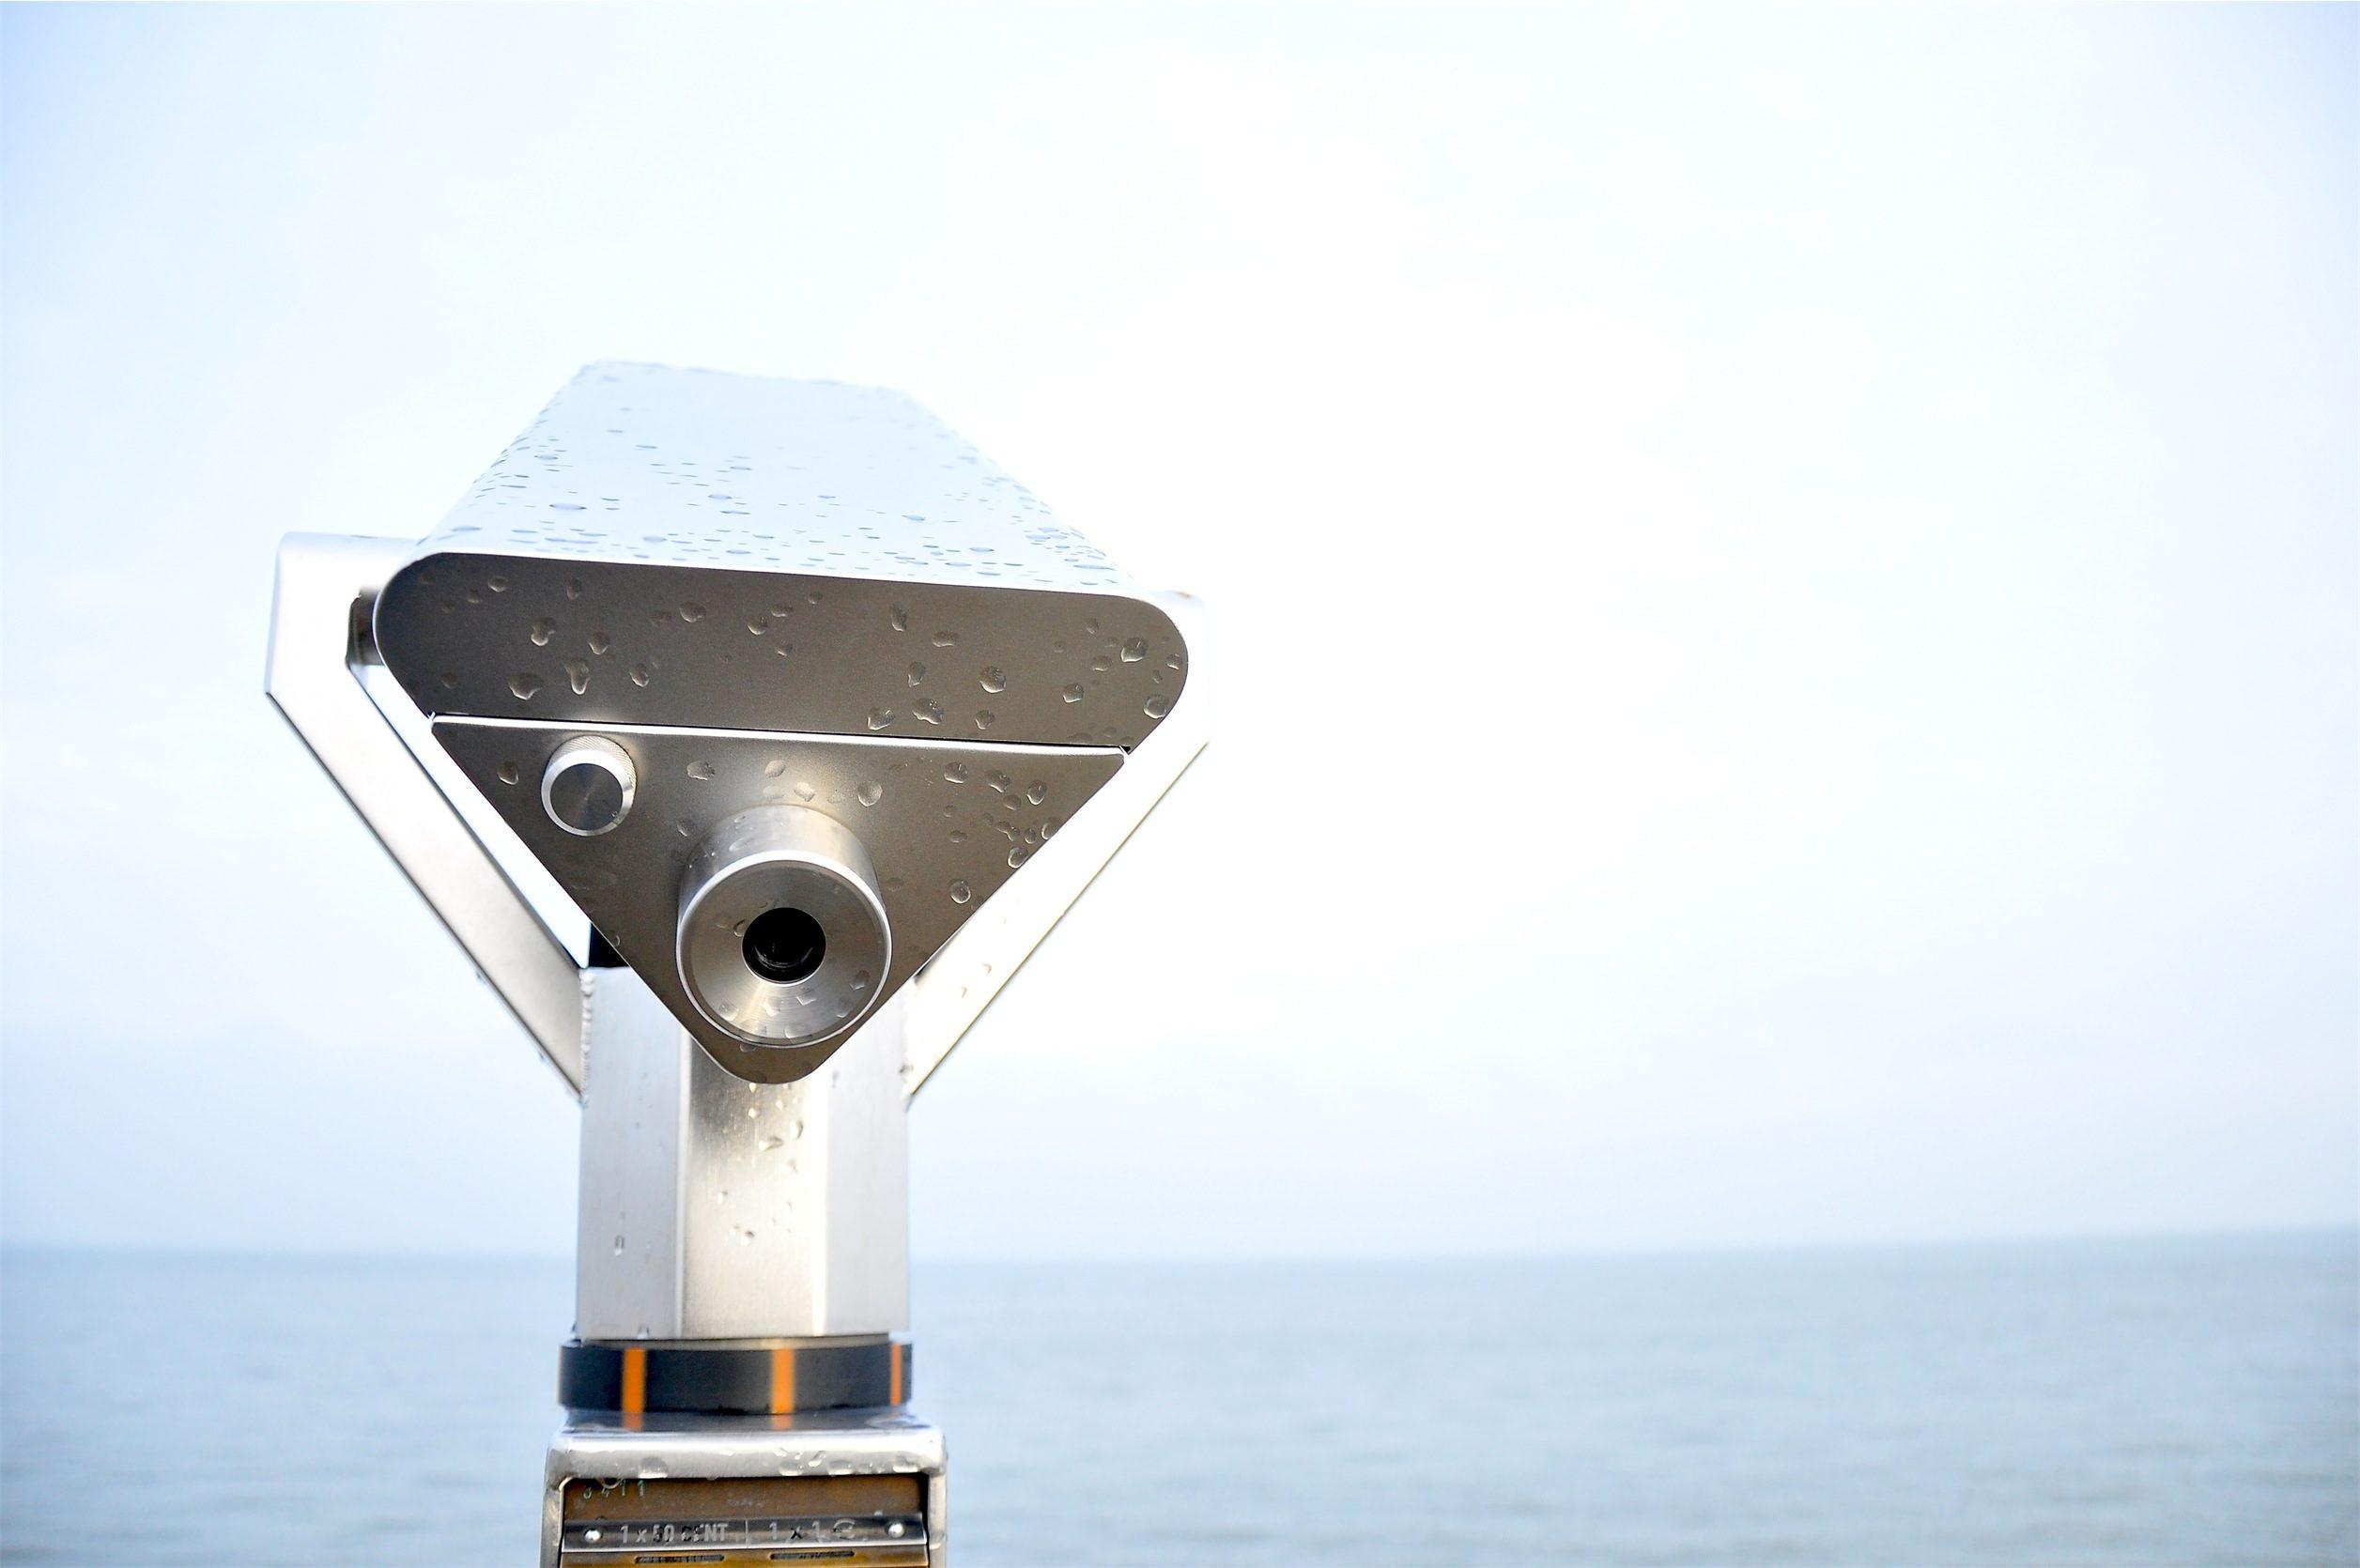 Mirador, jumelles, paysage, Mer, eau - Fonds d'écran HD - Professor-falken.com